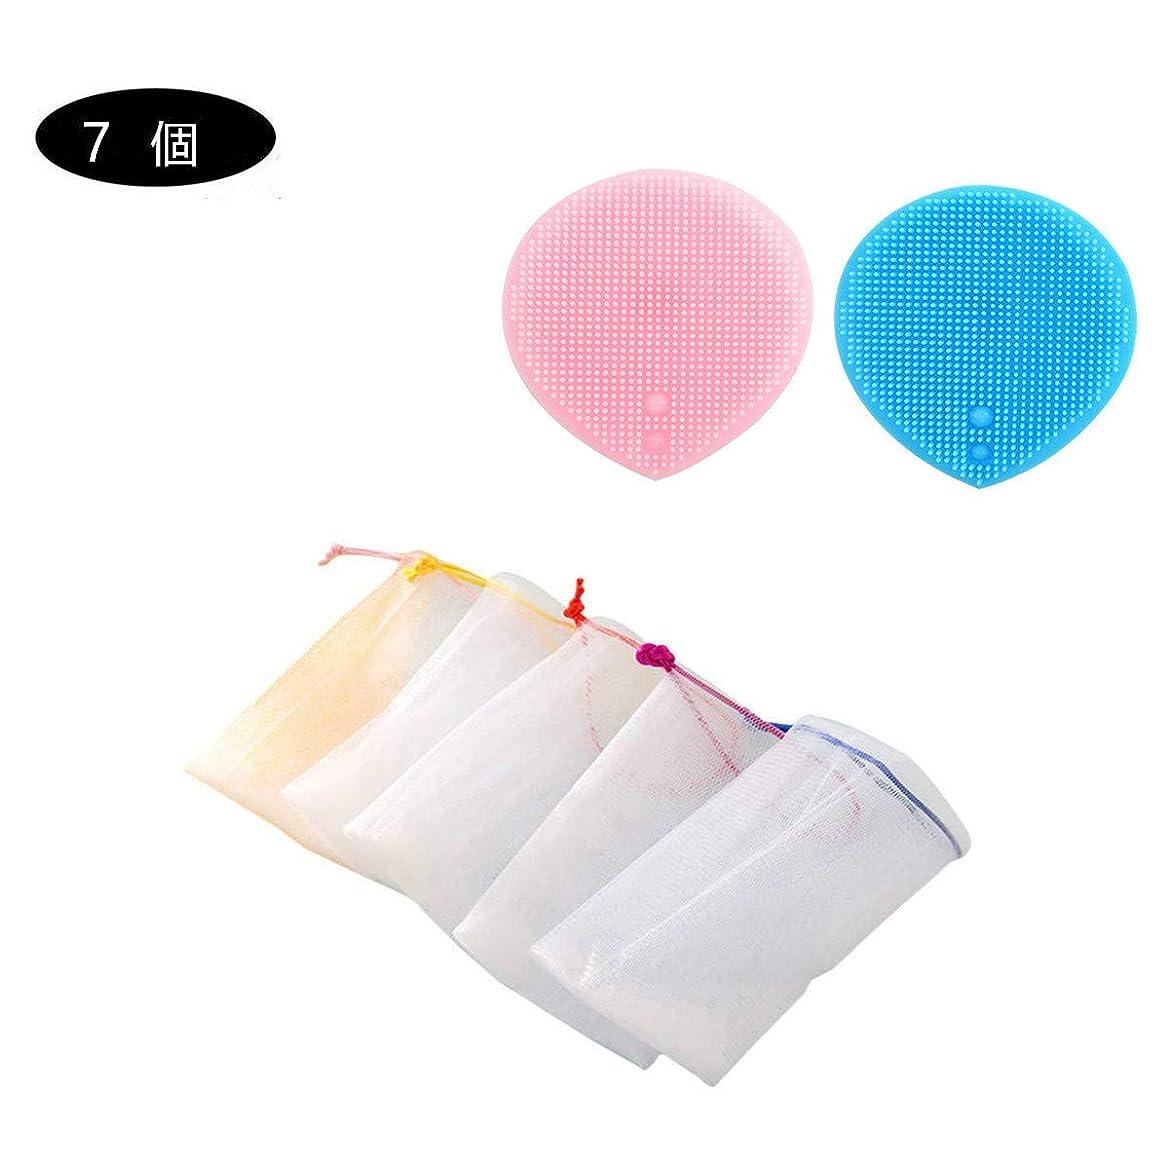 窓着飾る粒子二層発泡せっけんネット袋 洗顔用のシリコンブラシ メイク落としフェイスツール7枚